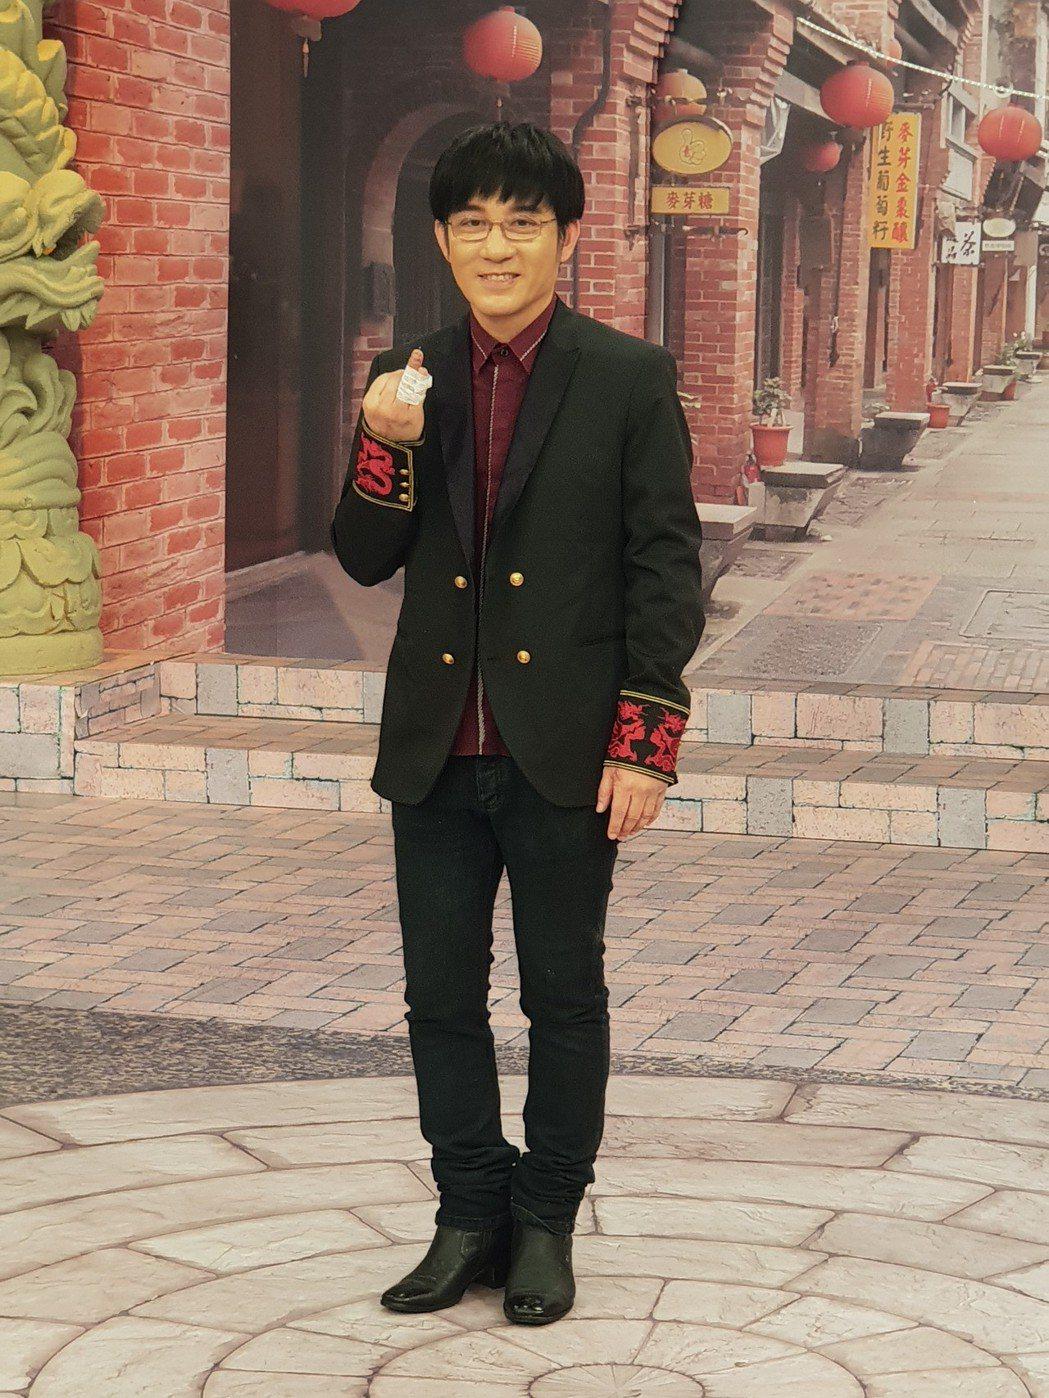 江明學手上鋼釘清晰可見。記者李姿瑩/攝影